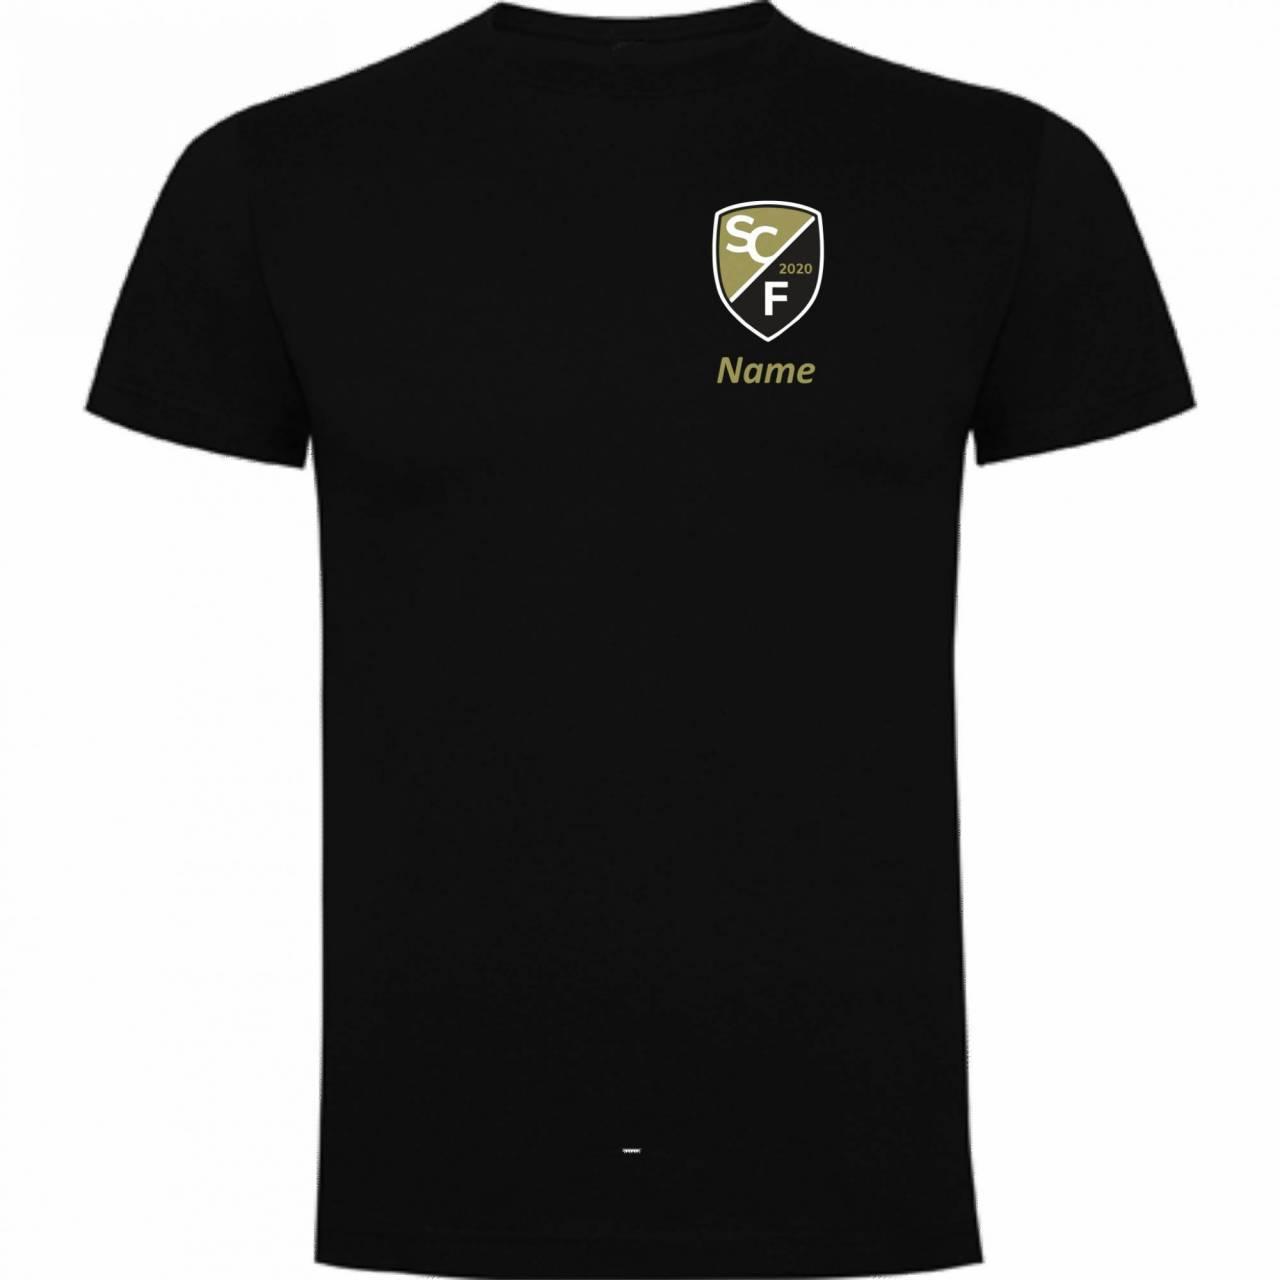 Baumwoll-Shirt - SC Freital